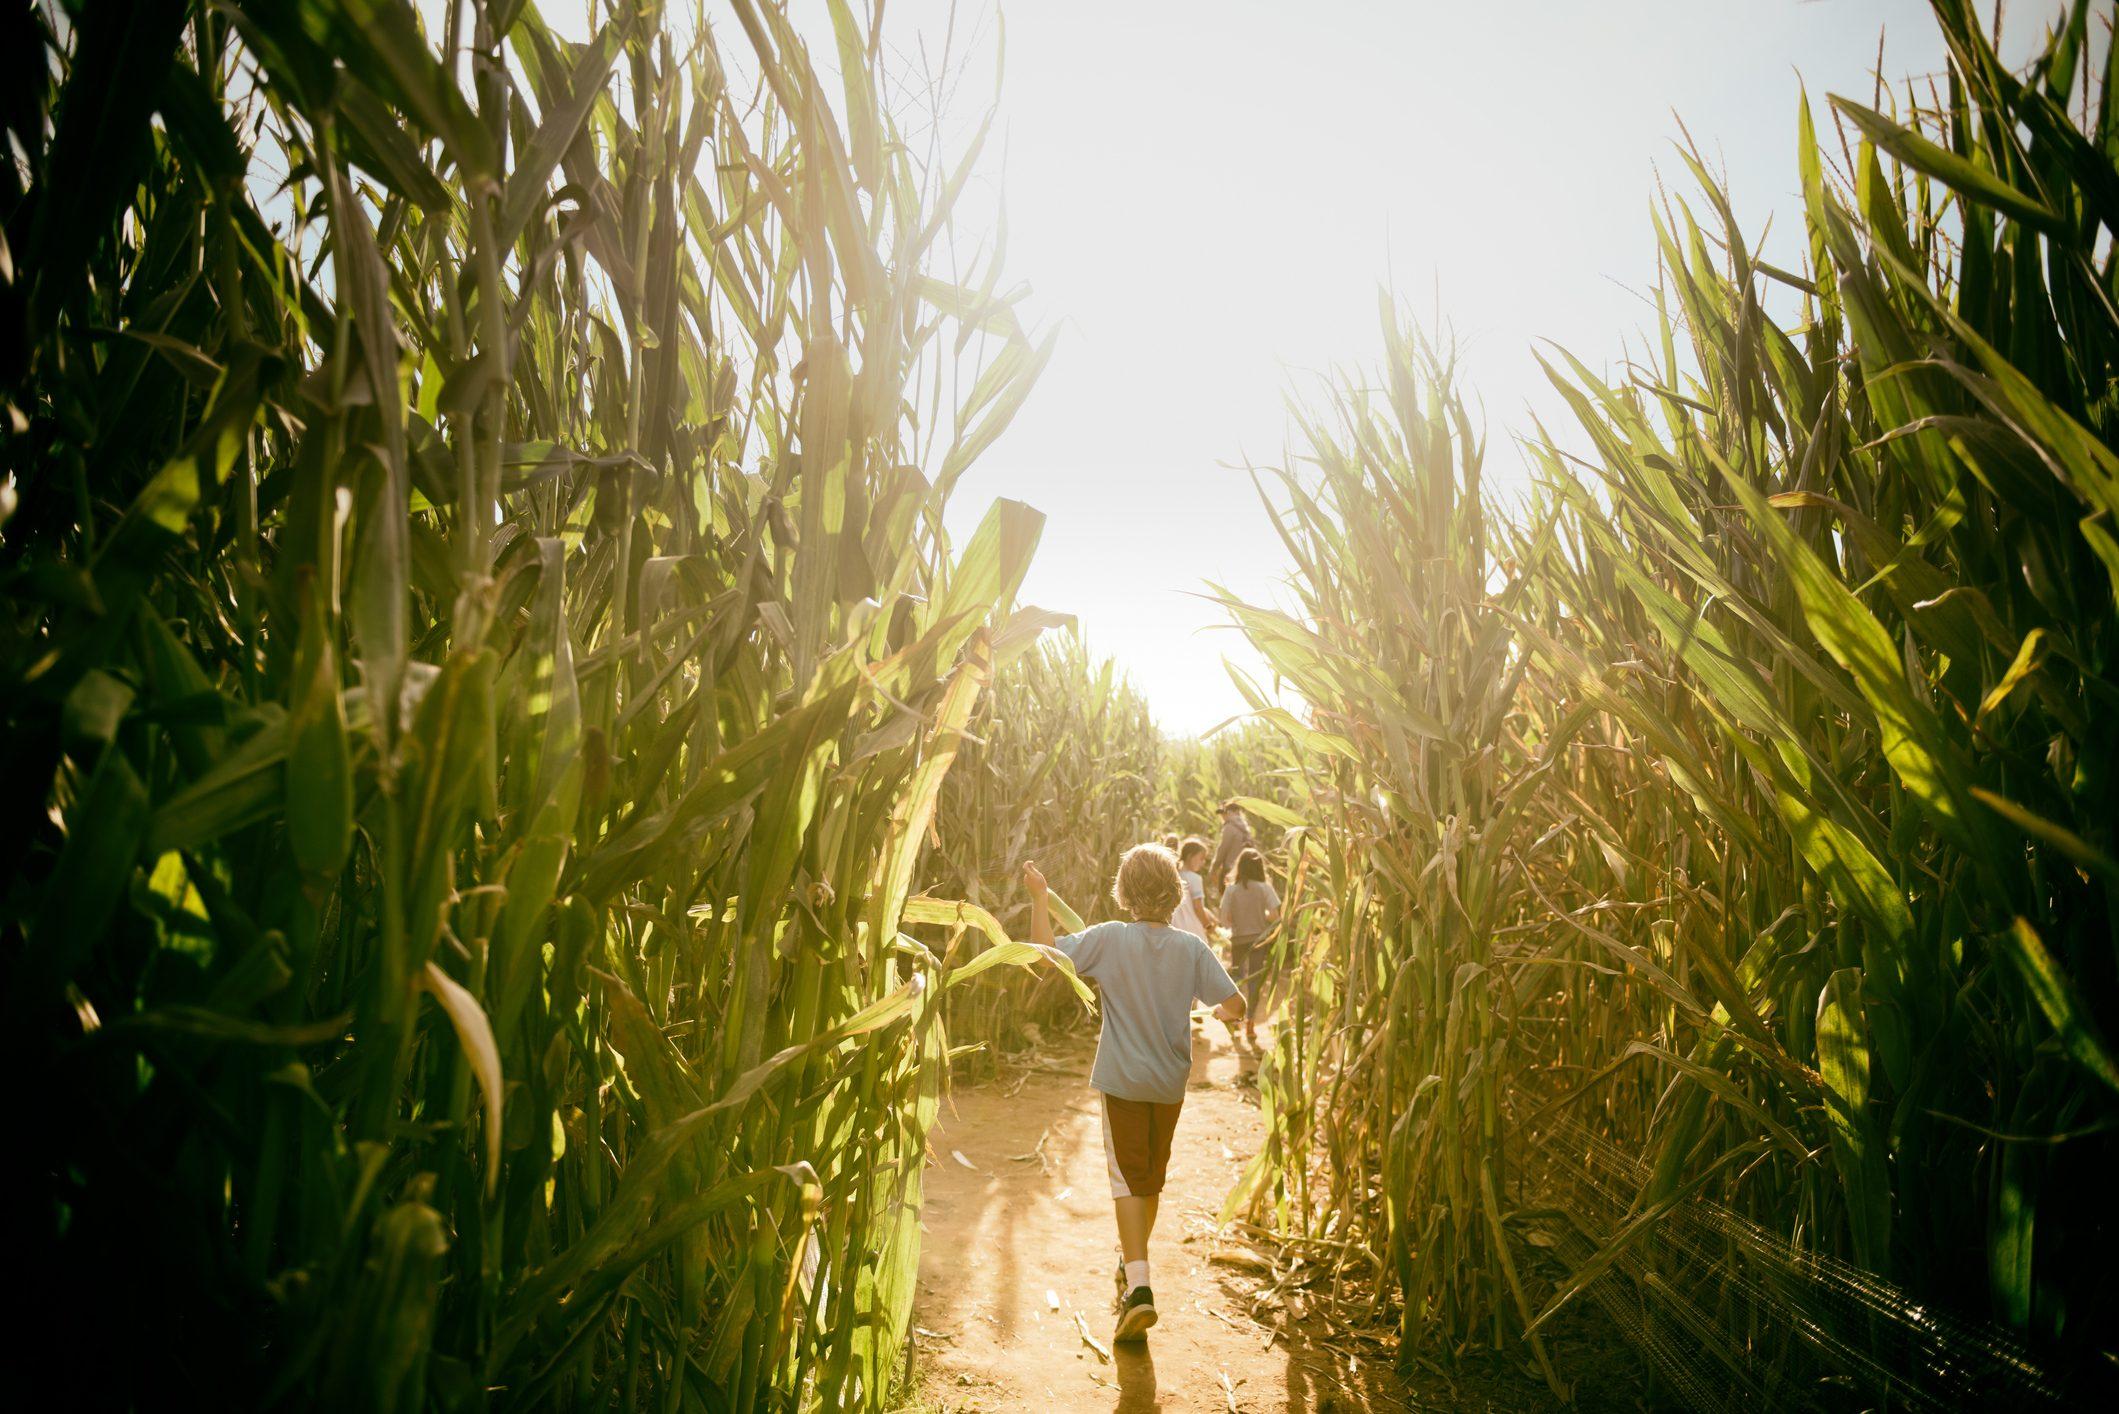 Running into October harvest